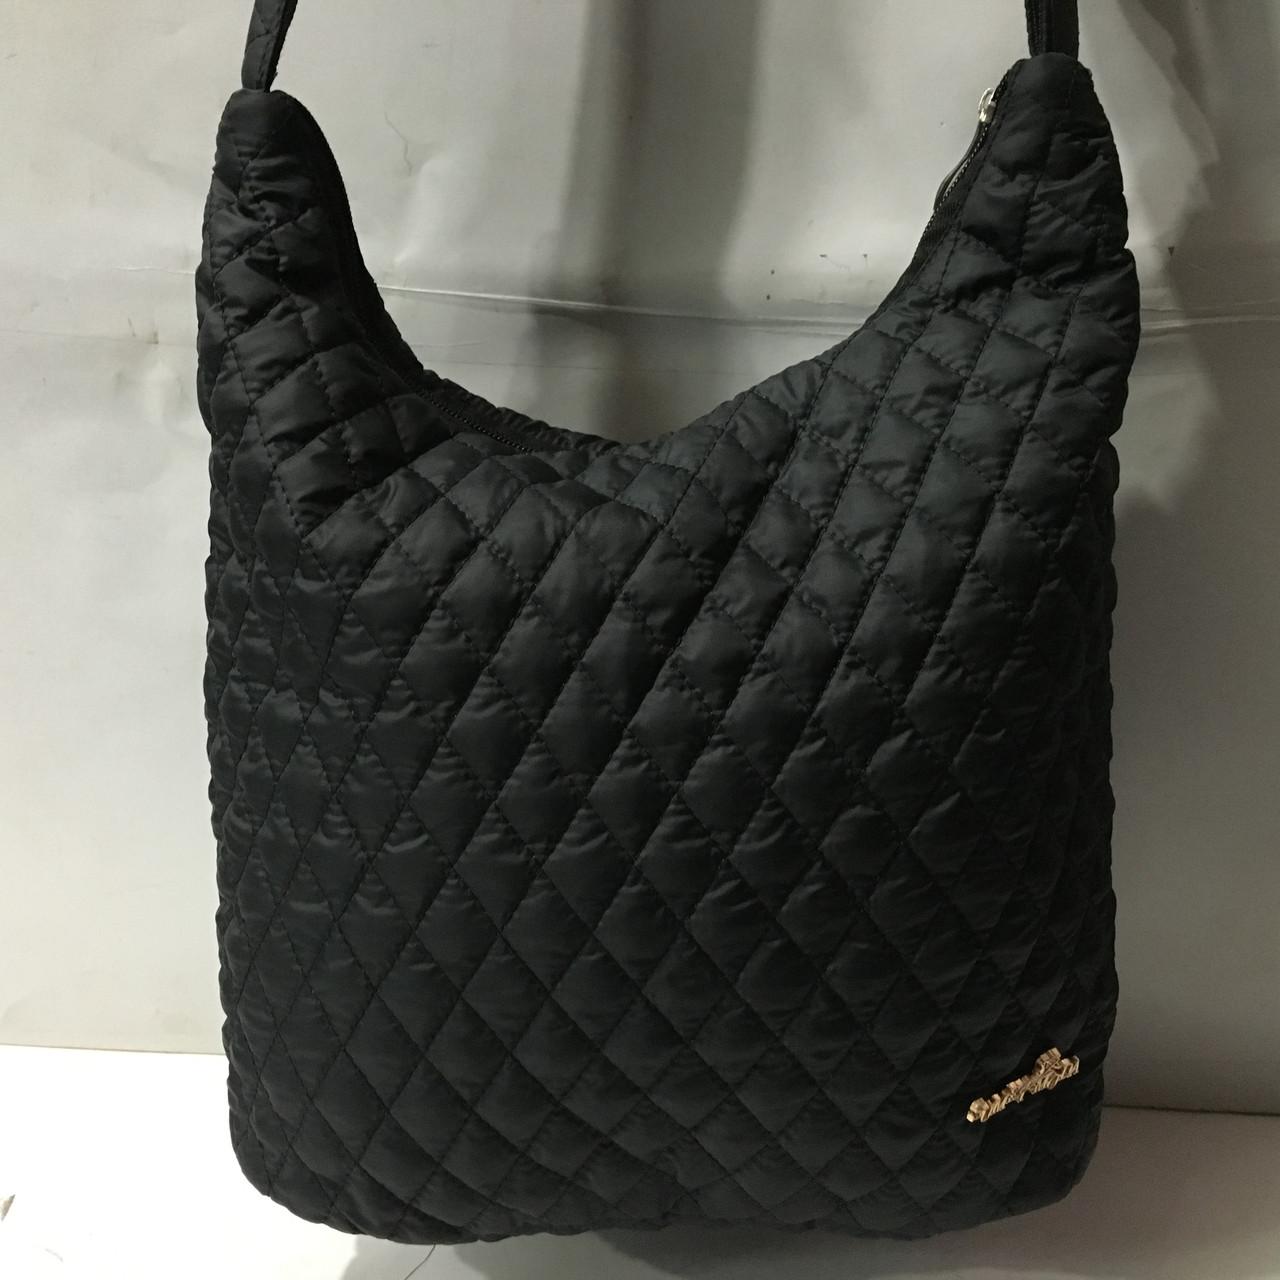 3b1644c0404f Стильная стеганая болоньевая сумка. Модная женская сумка. Удобная,  вместительная сумка(оптом